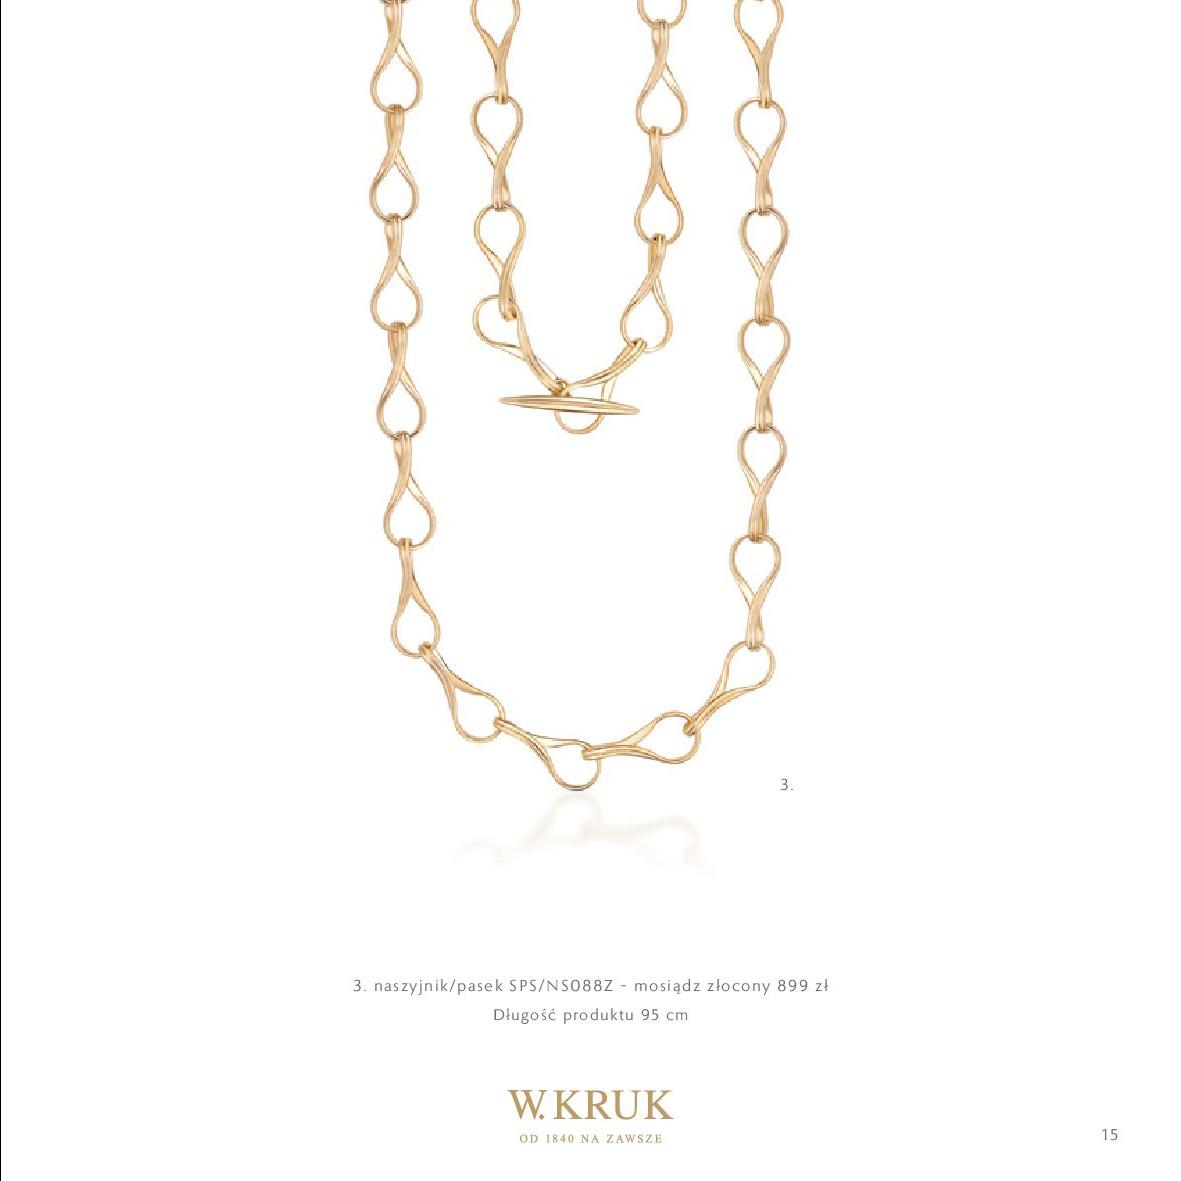 Gazetka W. KRUK: Katalog - Kolekcja Przyjaźń 2021-02-17 page-17